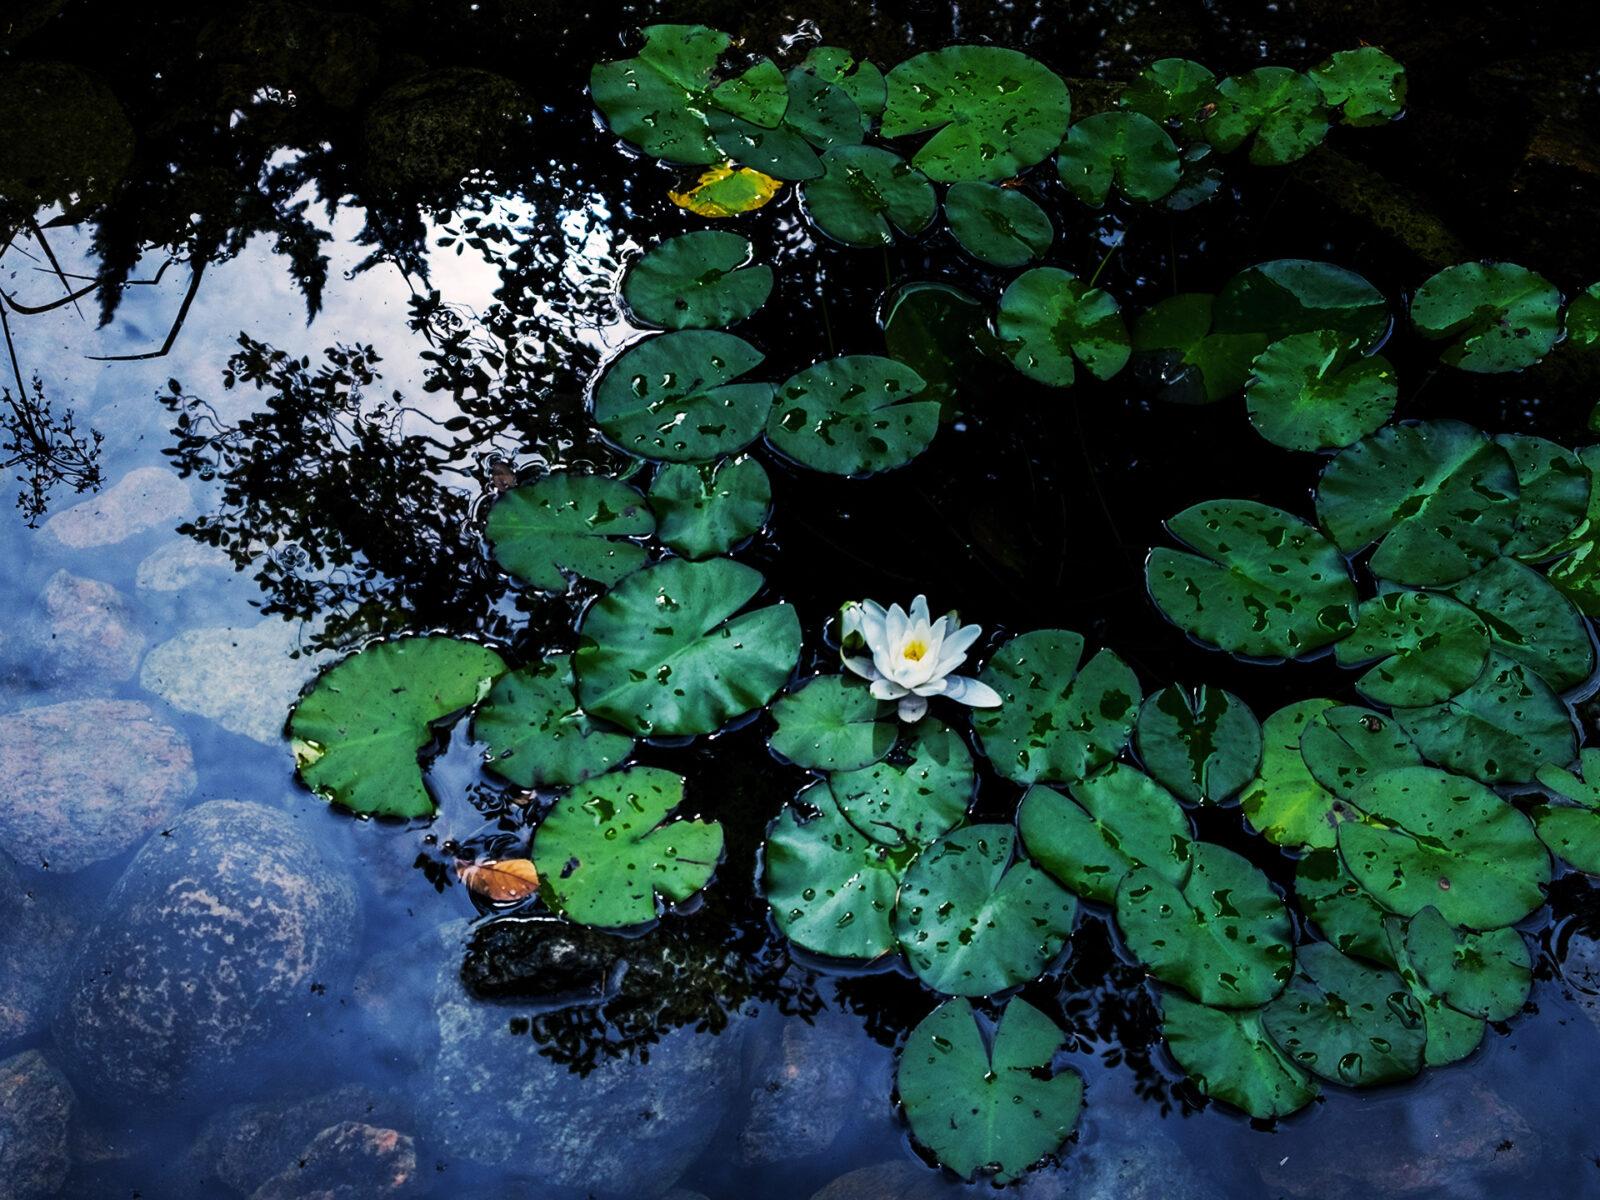 näckros, näckrosor, sjö, natur, bakgrund, grodor